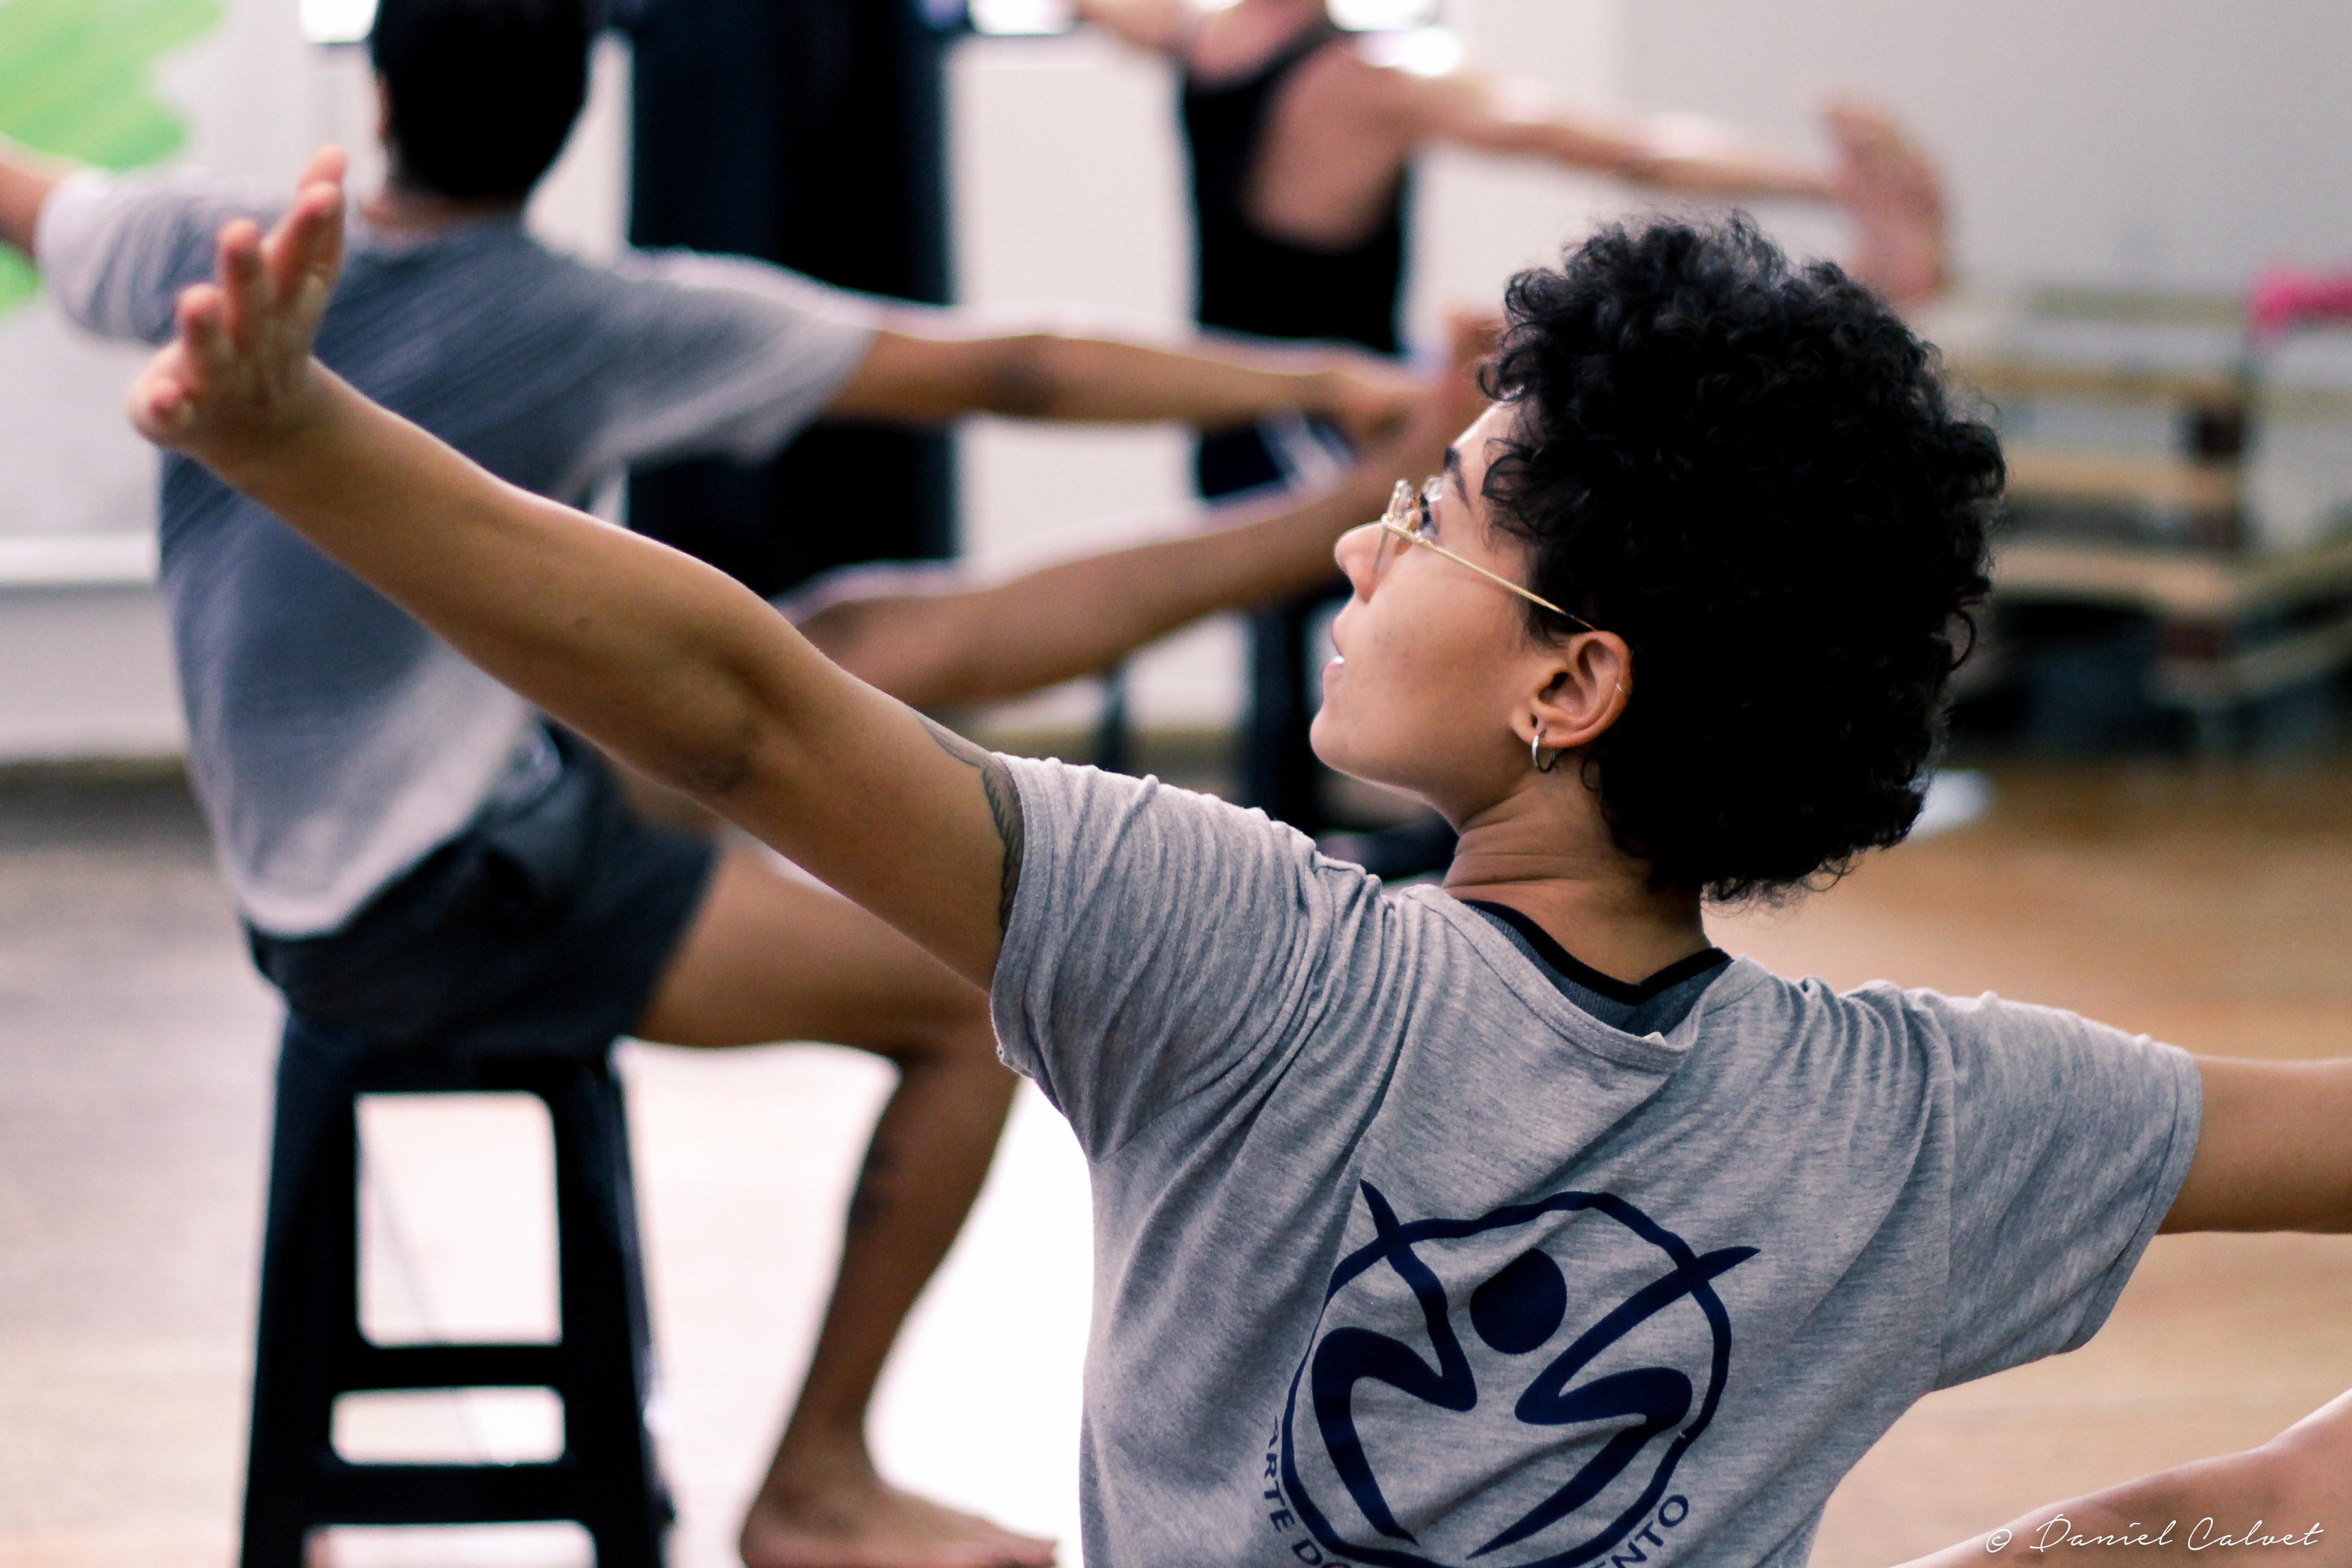 Bailarino João Paulo Gross oferece oficinas gratuitas da técnica Gyrokinesis® para idosos e pessoas com de Síndrome de Down